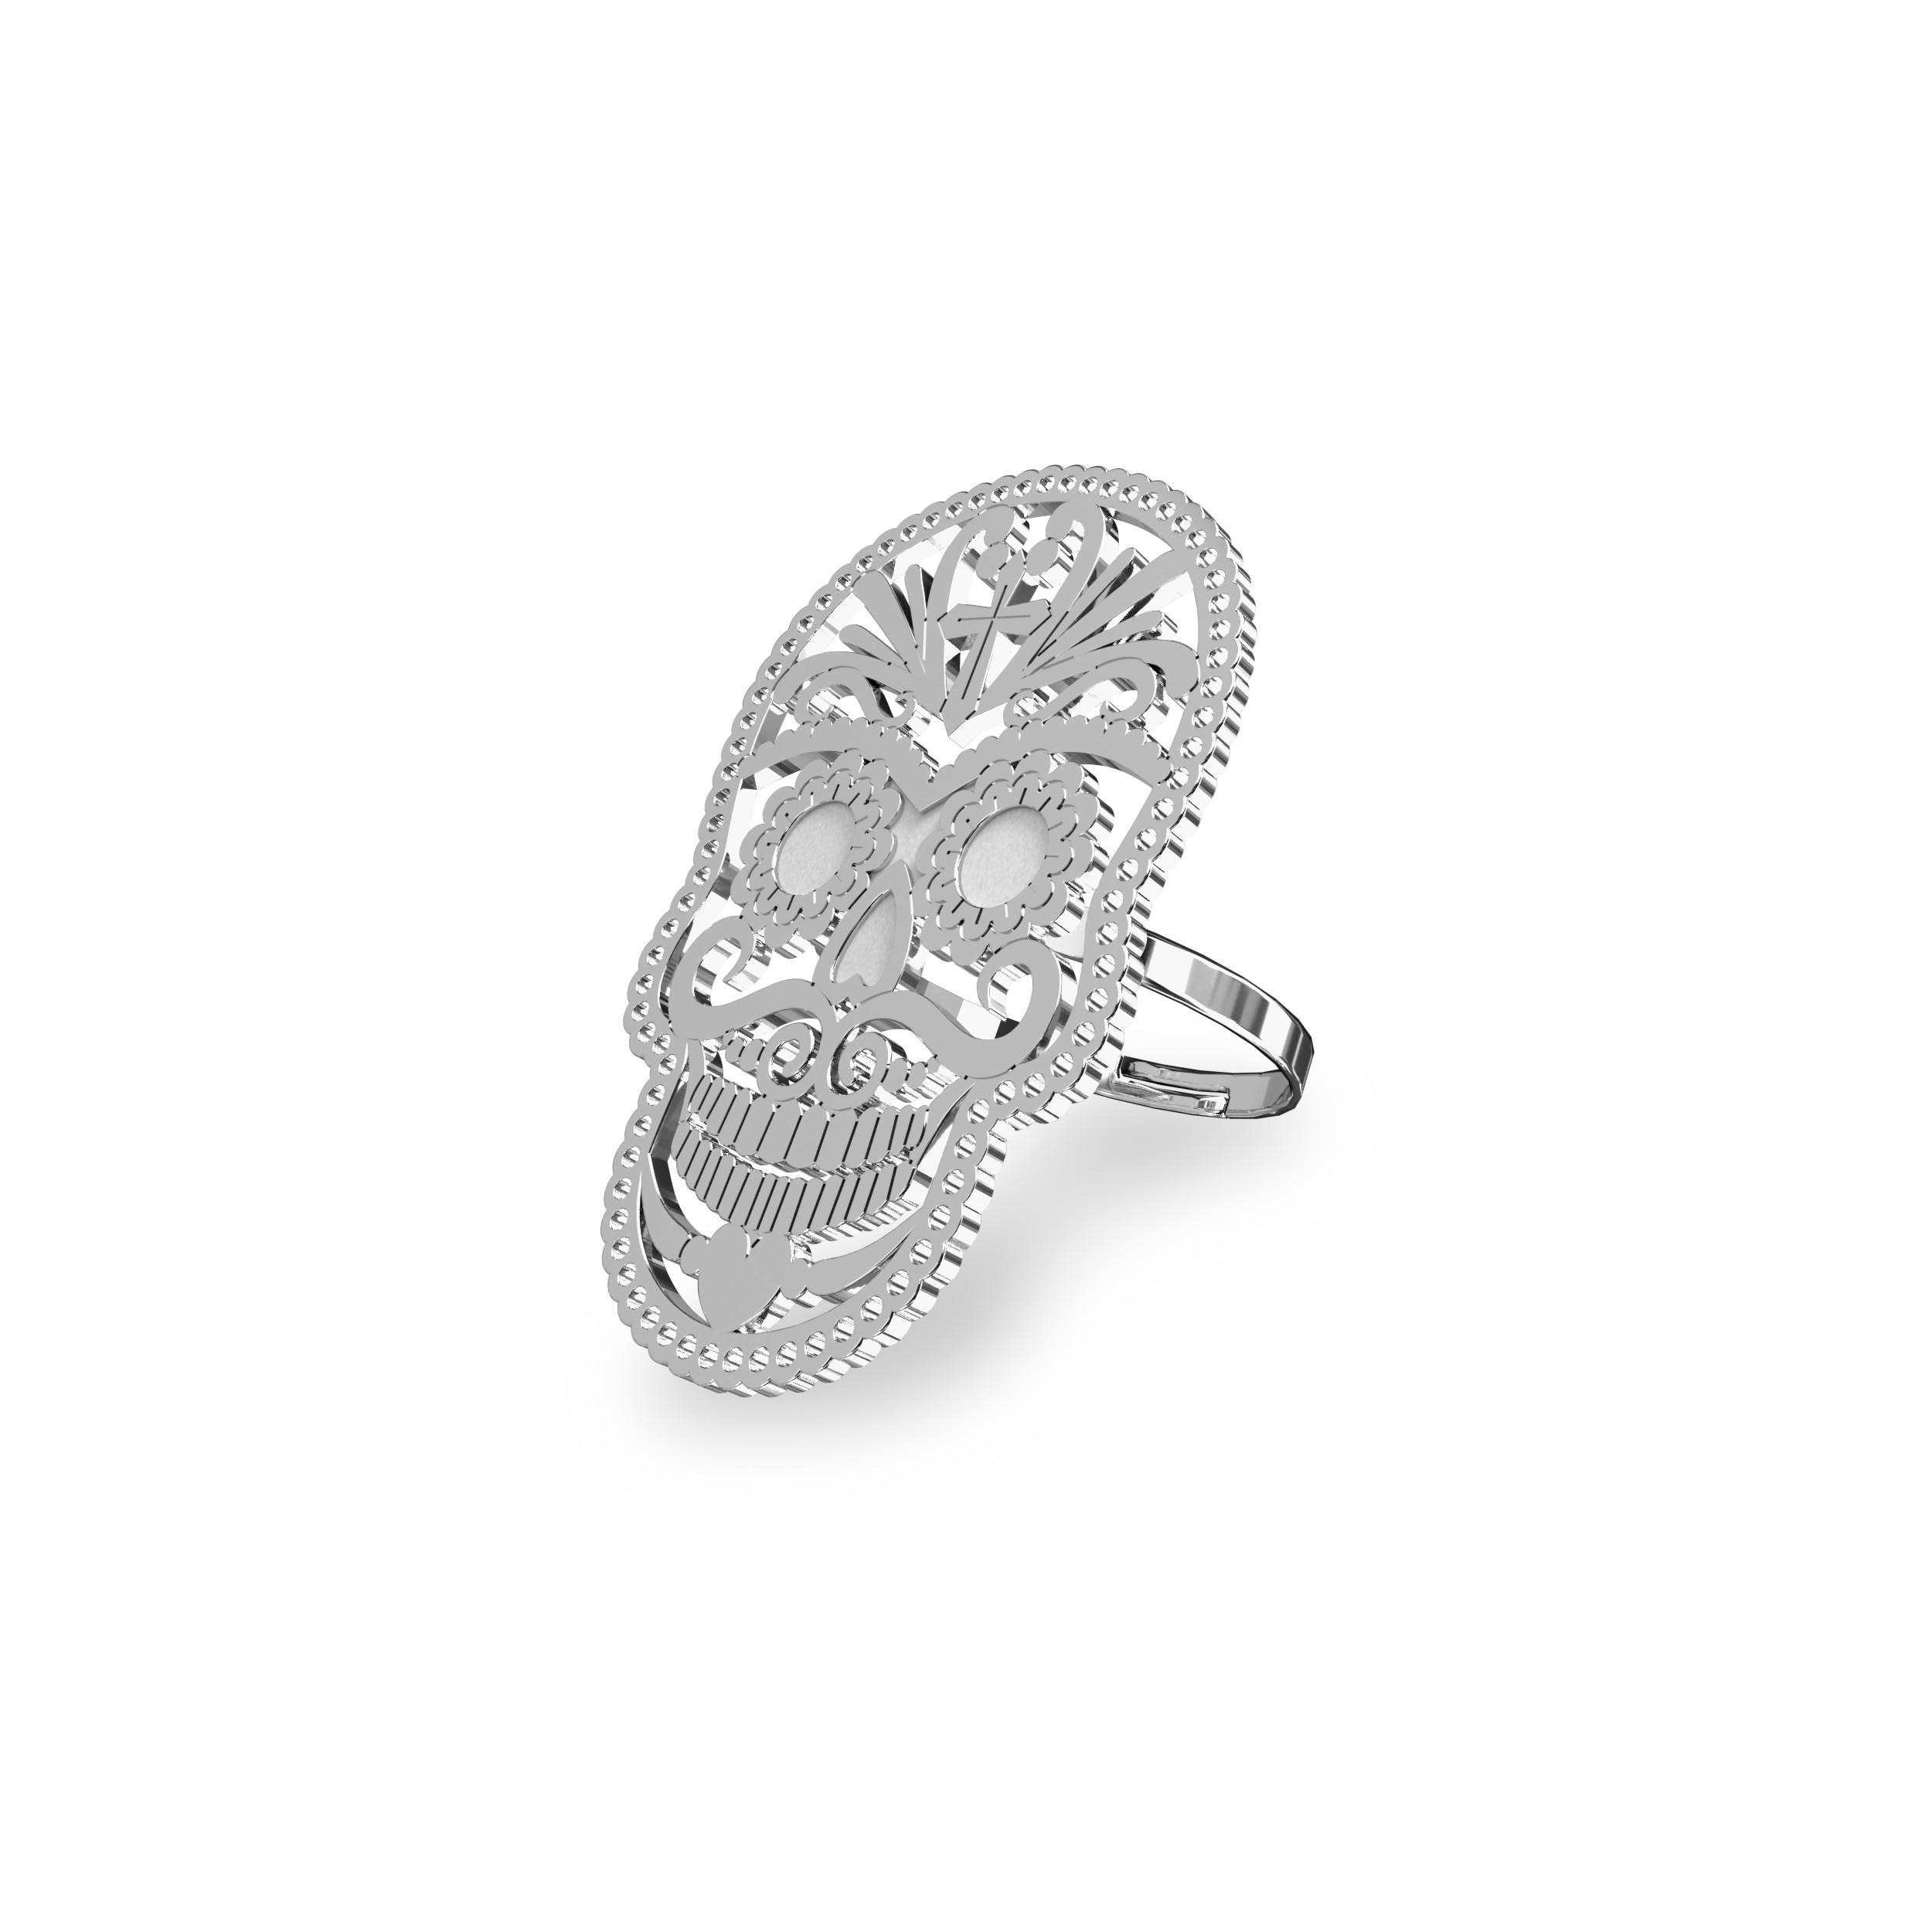 Silver SUGAR SKULL ring 925